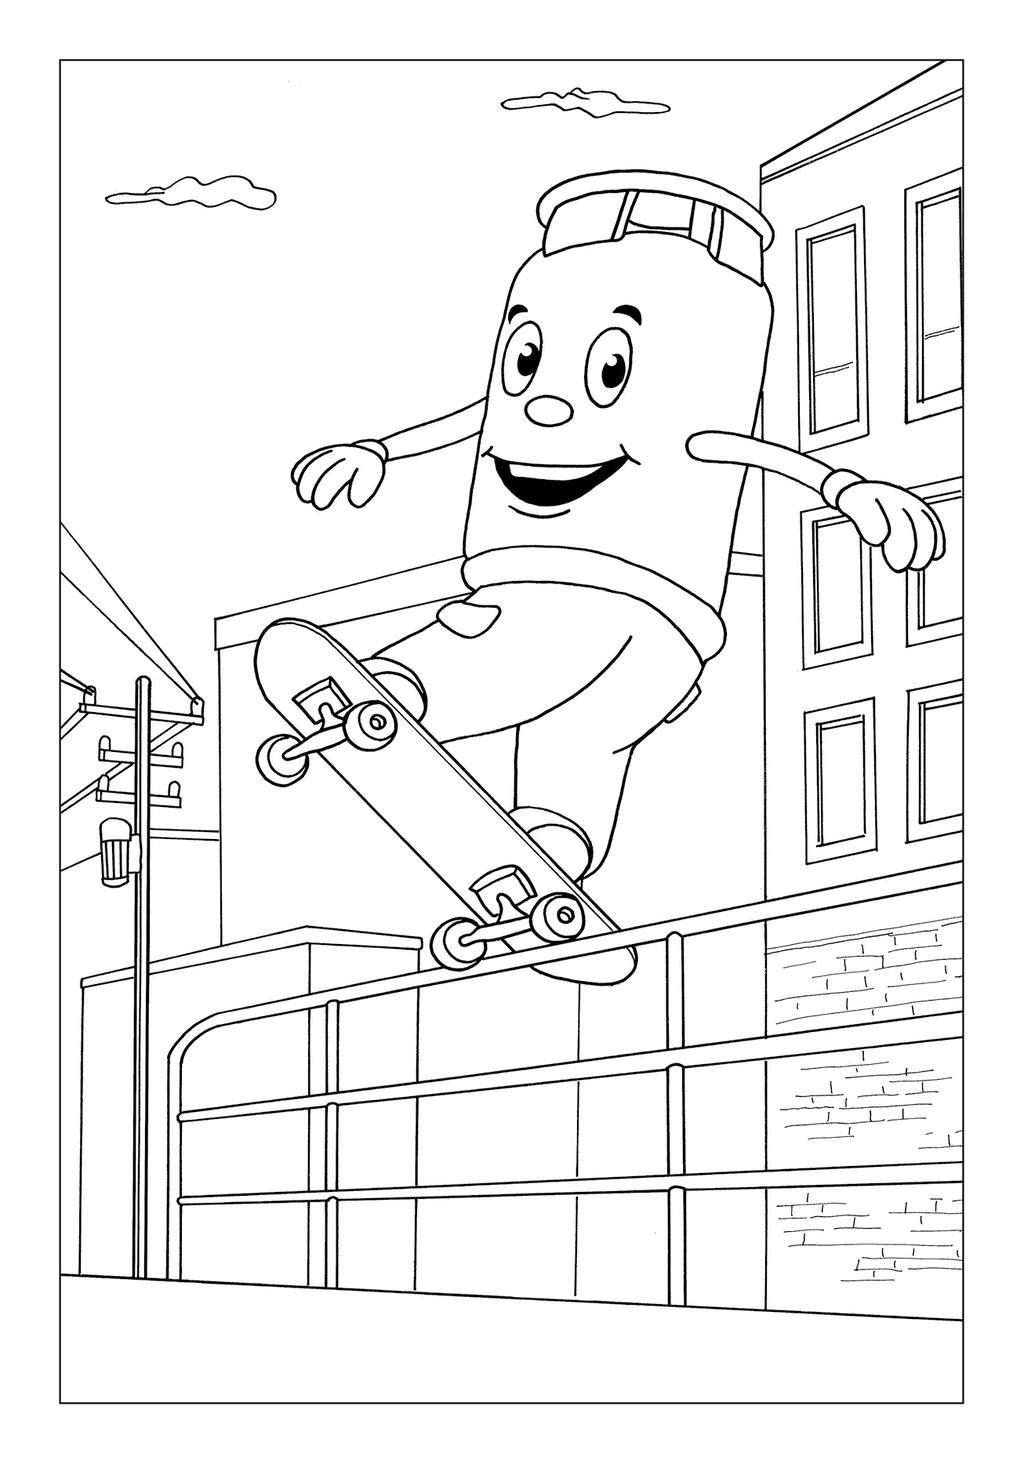 Vitogaz Kinder-Malbuch: Idee Zeichnung und Illustration: beim Skaten (Rollbrett fahren) mit urbaner Umgebung